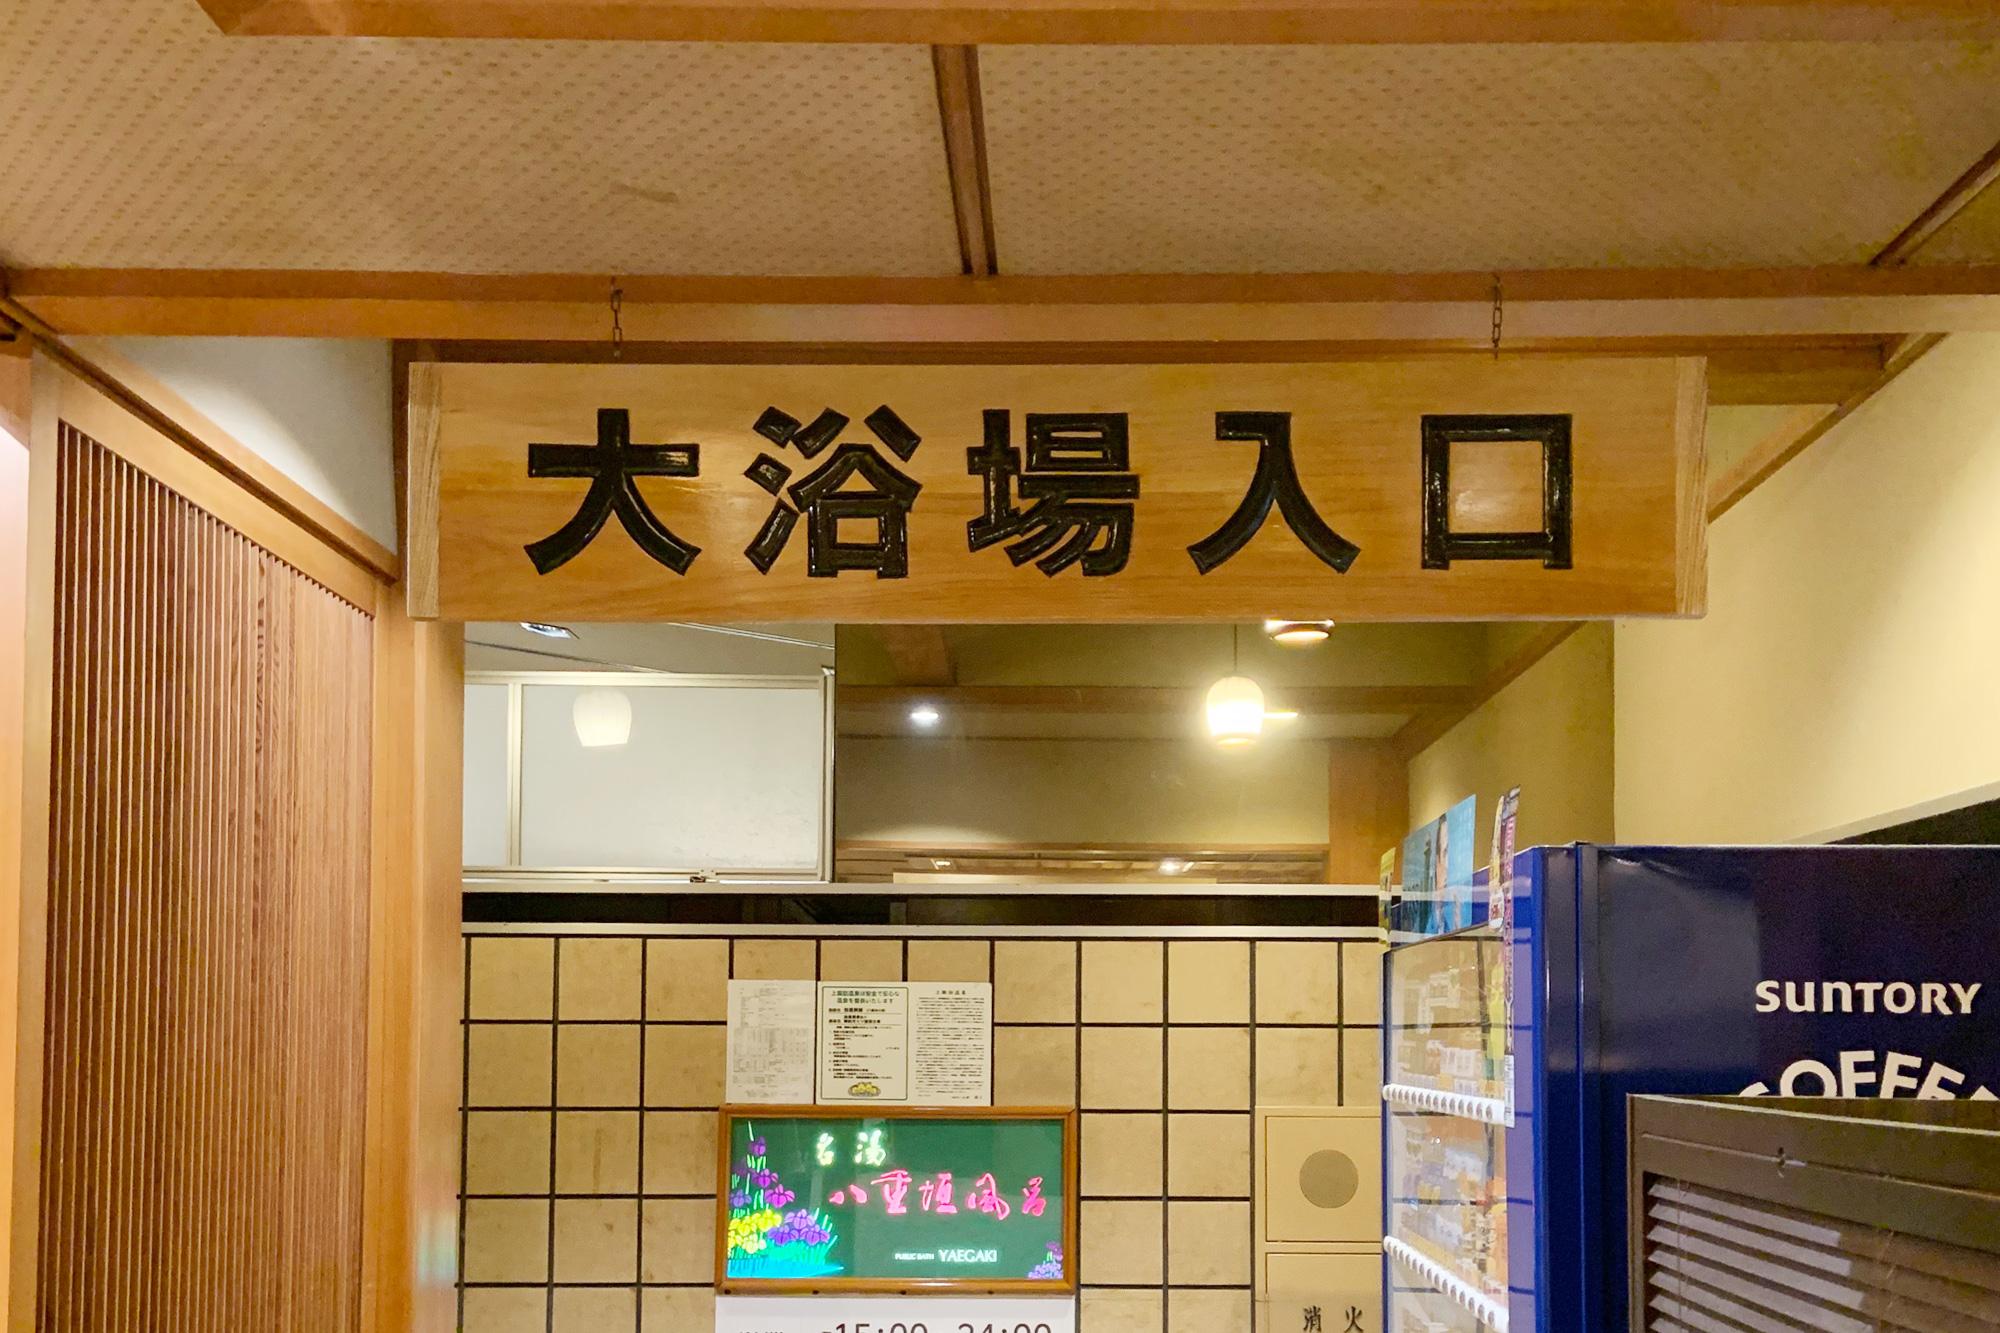 無垢木製看板(油屋旅館様)